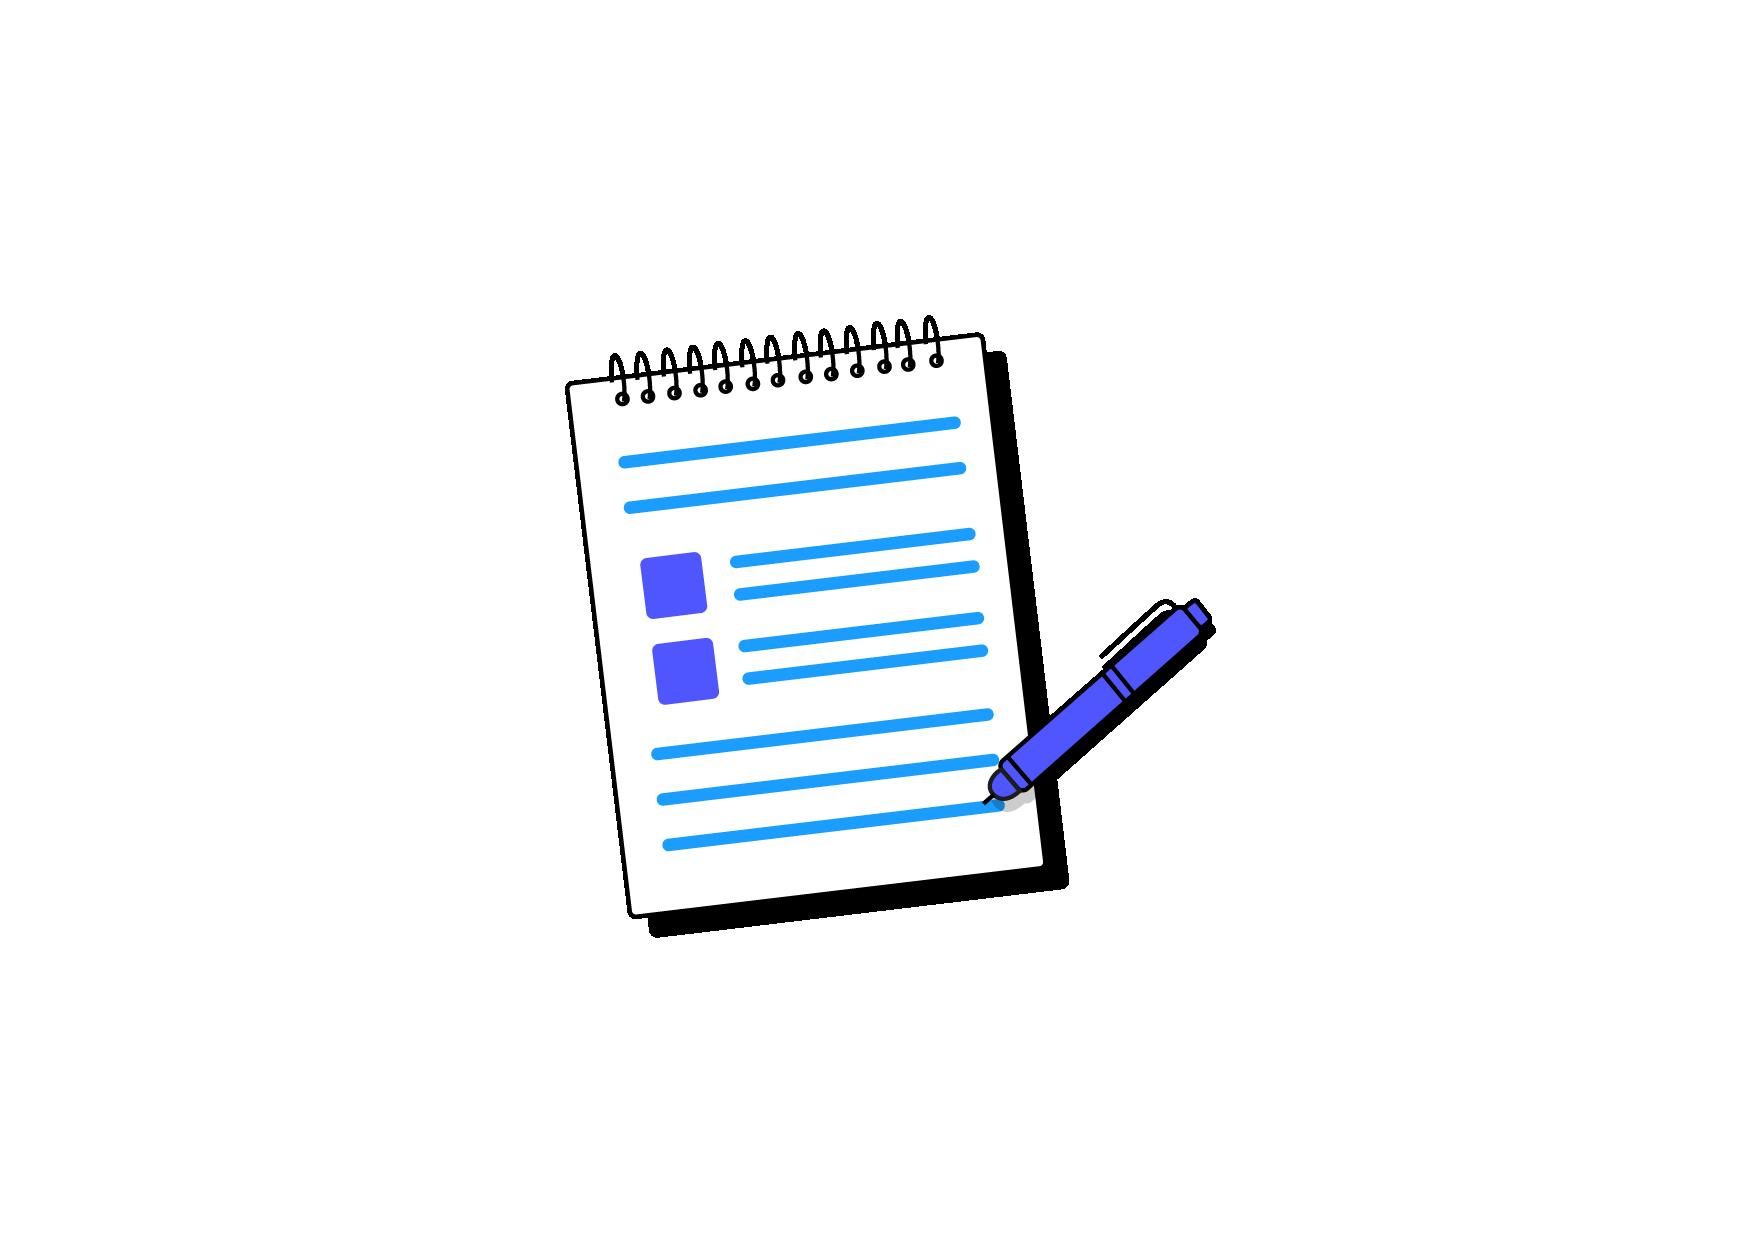 3 Tipps und 1 Lastenheftvorlage für die Scoping-Phase Ihres Projekt zum Erfassen der Voice of the Customer und zur Messung der Kundenzufriedenheit